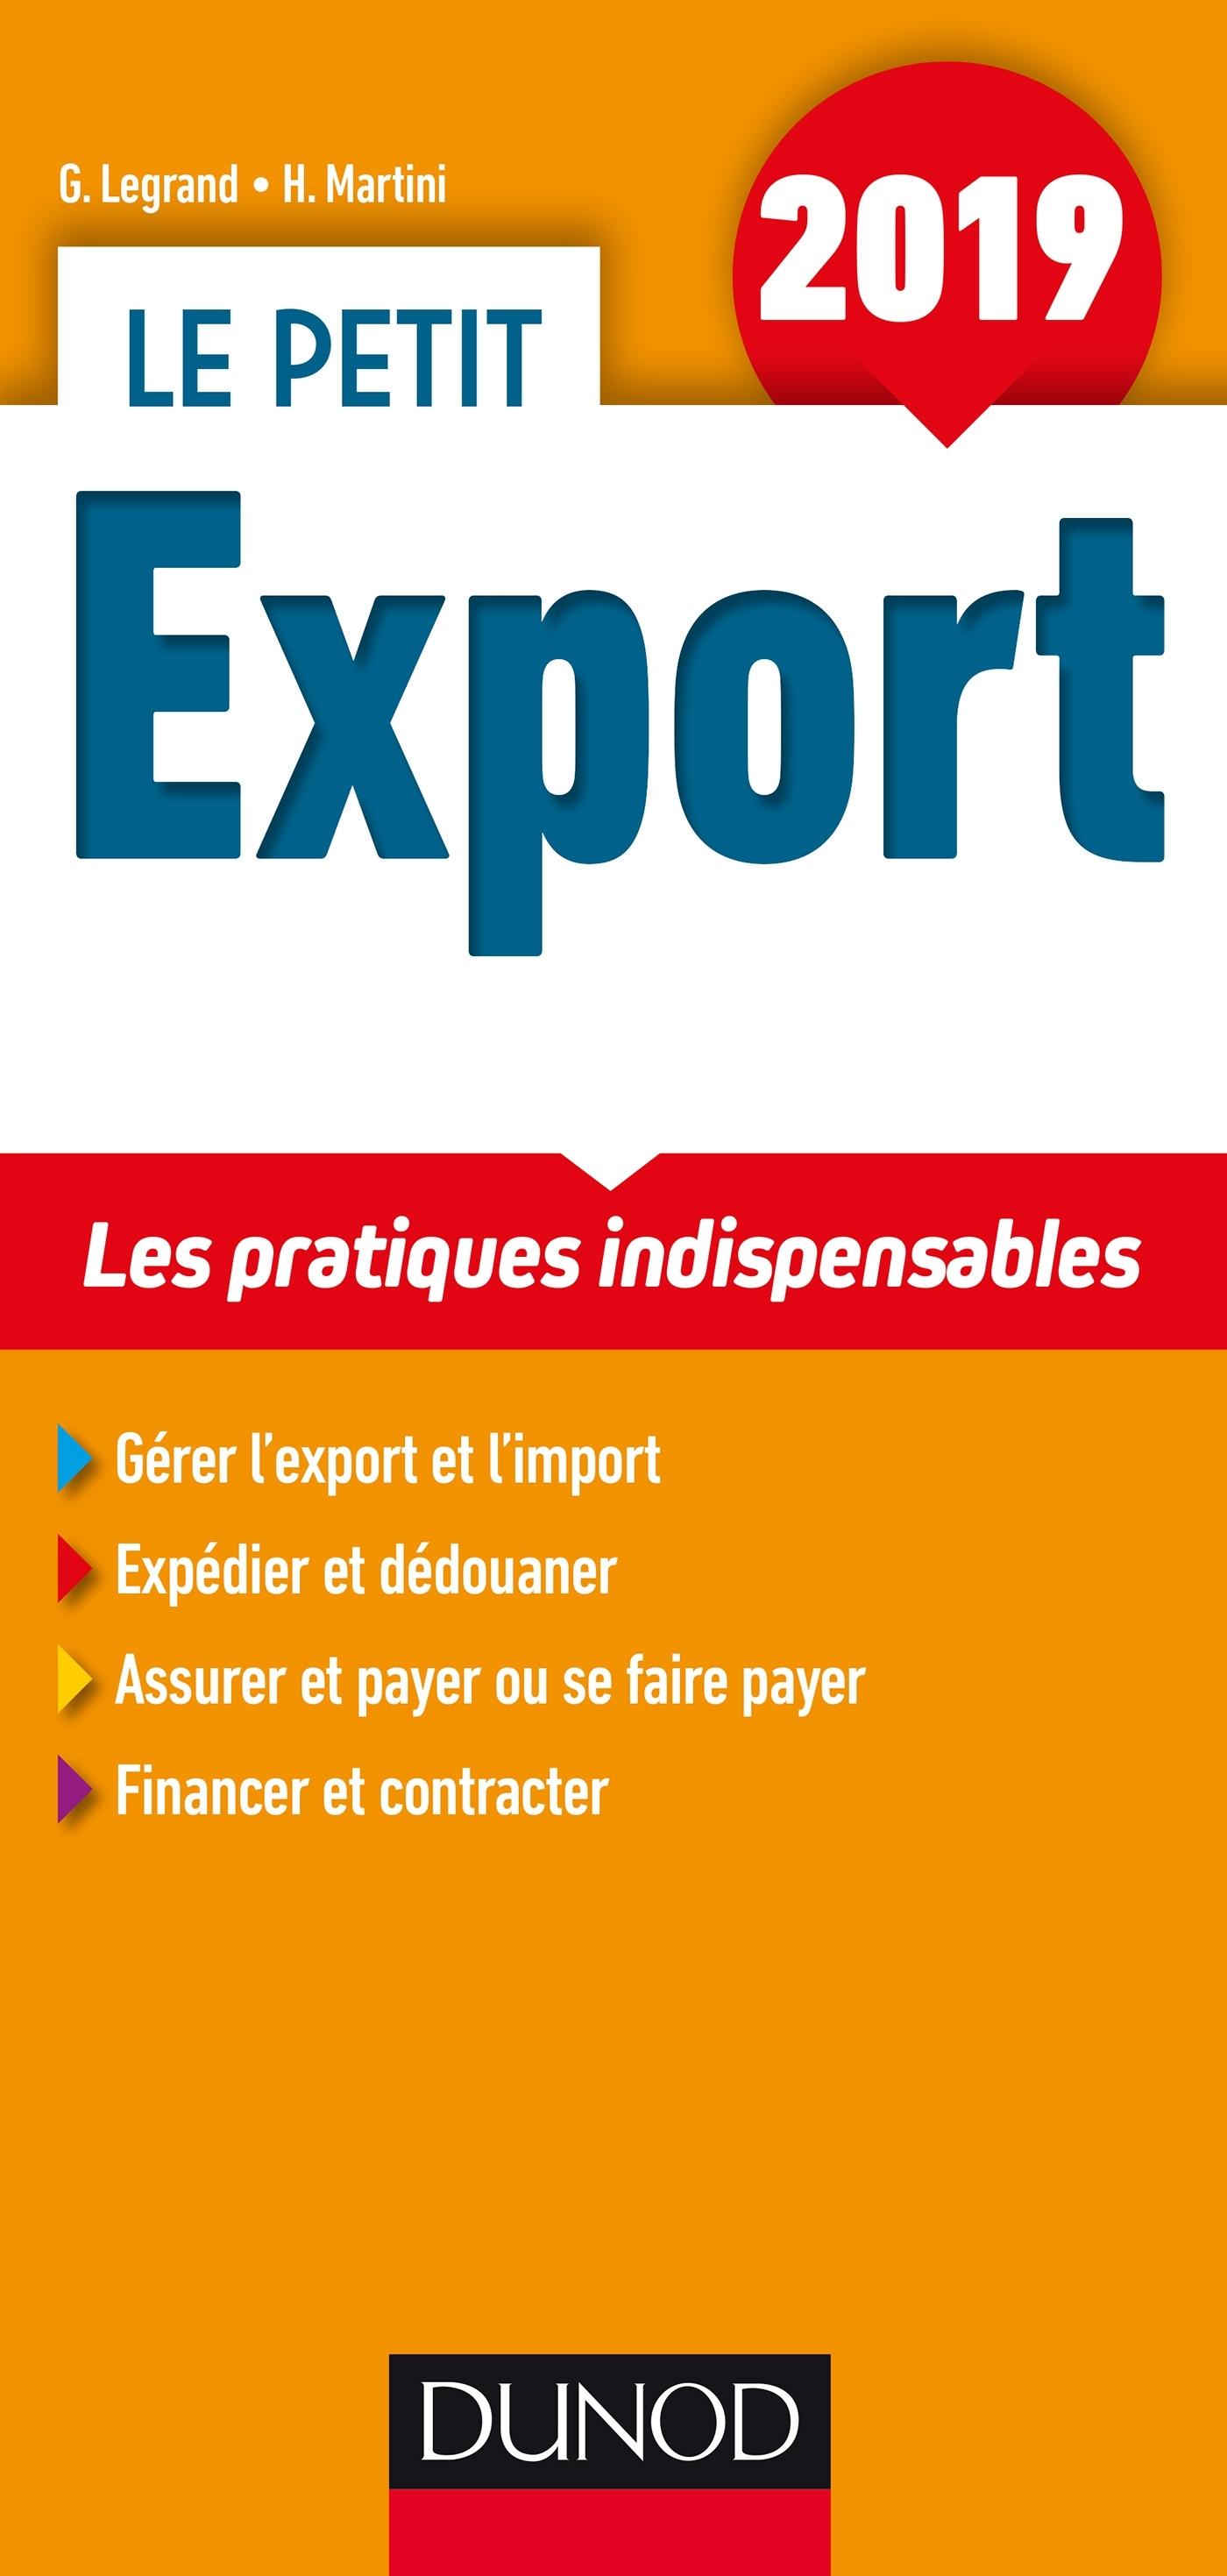 LE PETIT EXPORT 2019 - LES PRATIQUES INDISPENSABLES - T1